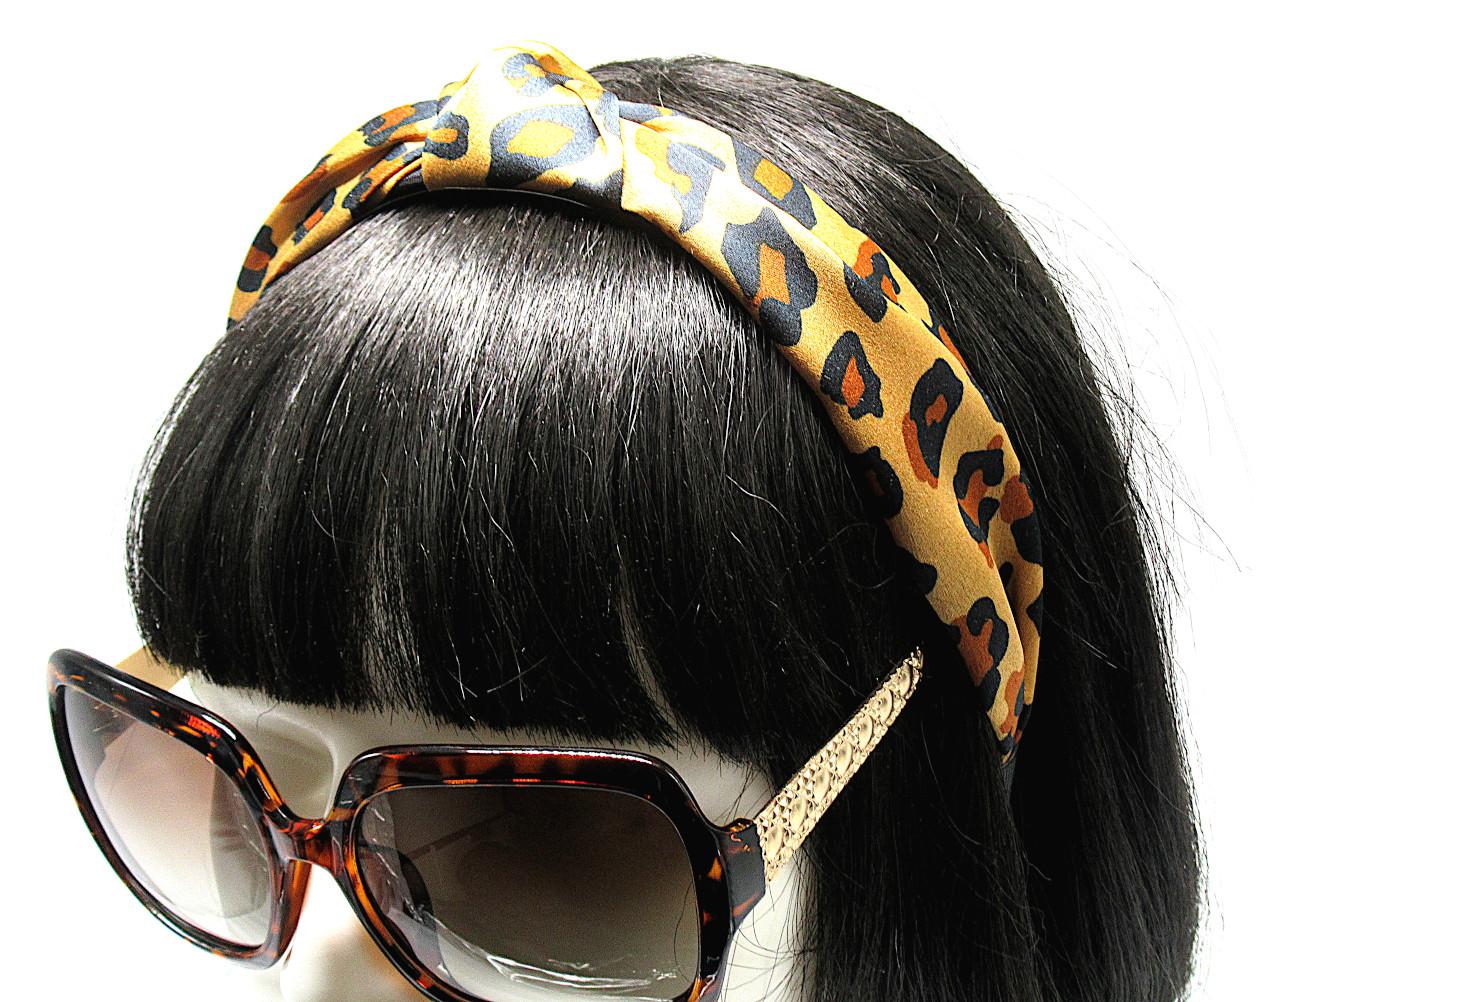 RJ-HB03_Leopard Print Knotted Headband-Brown5